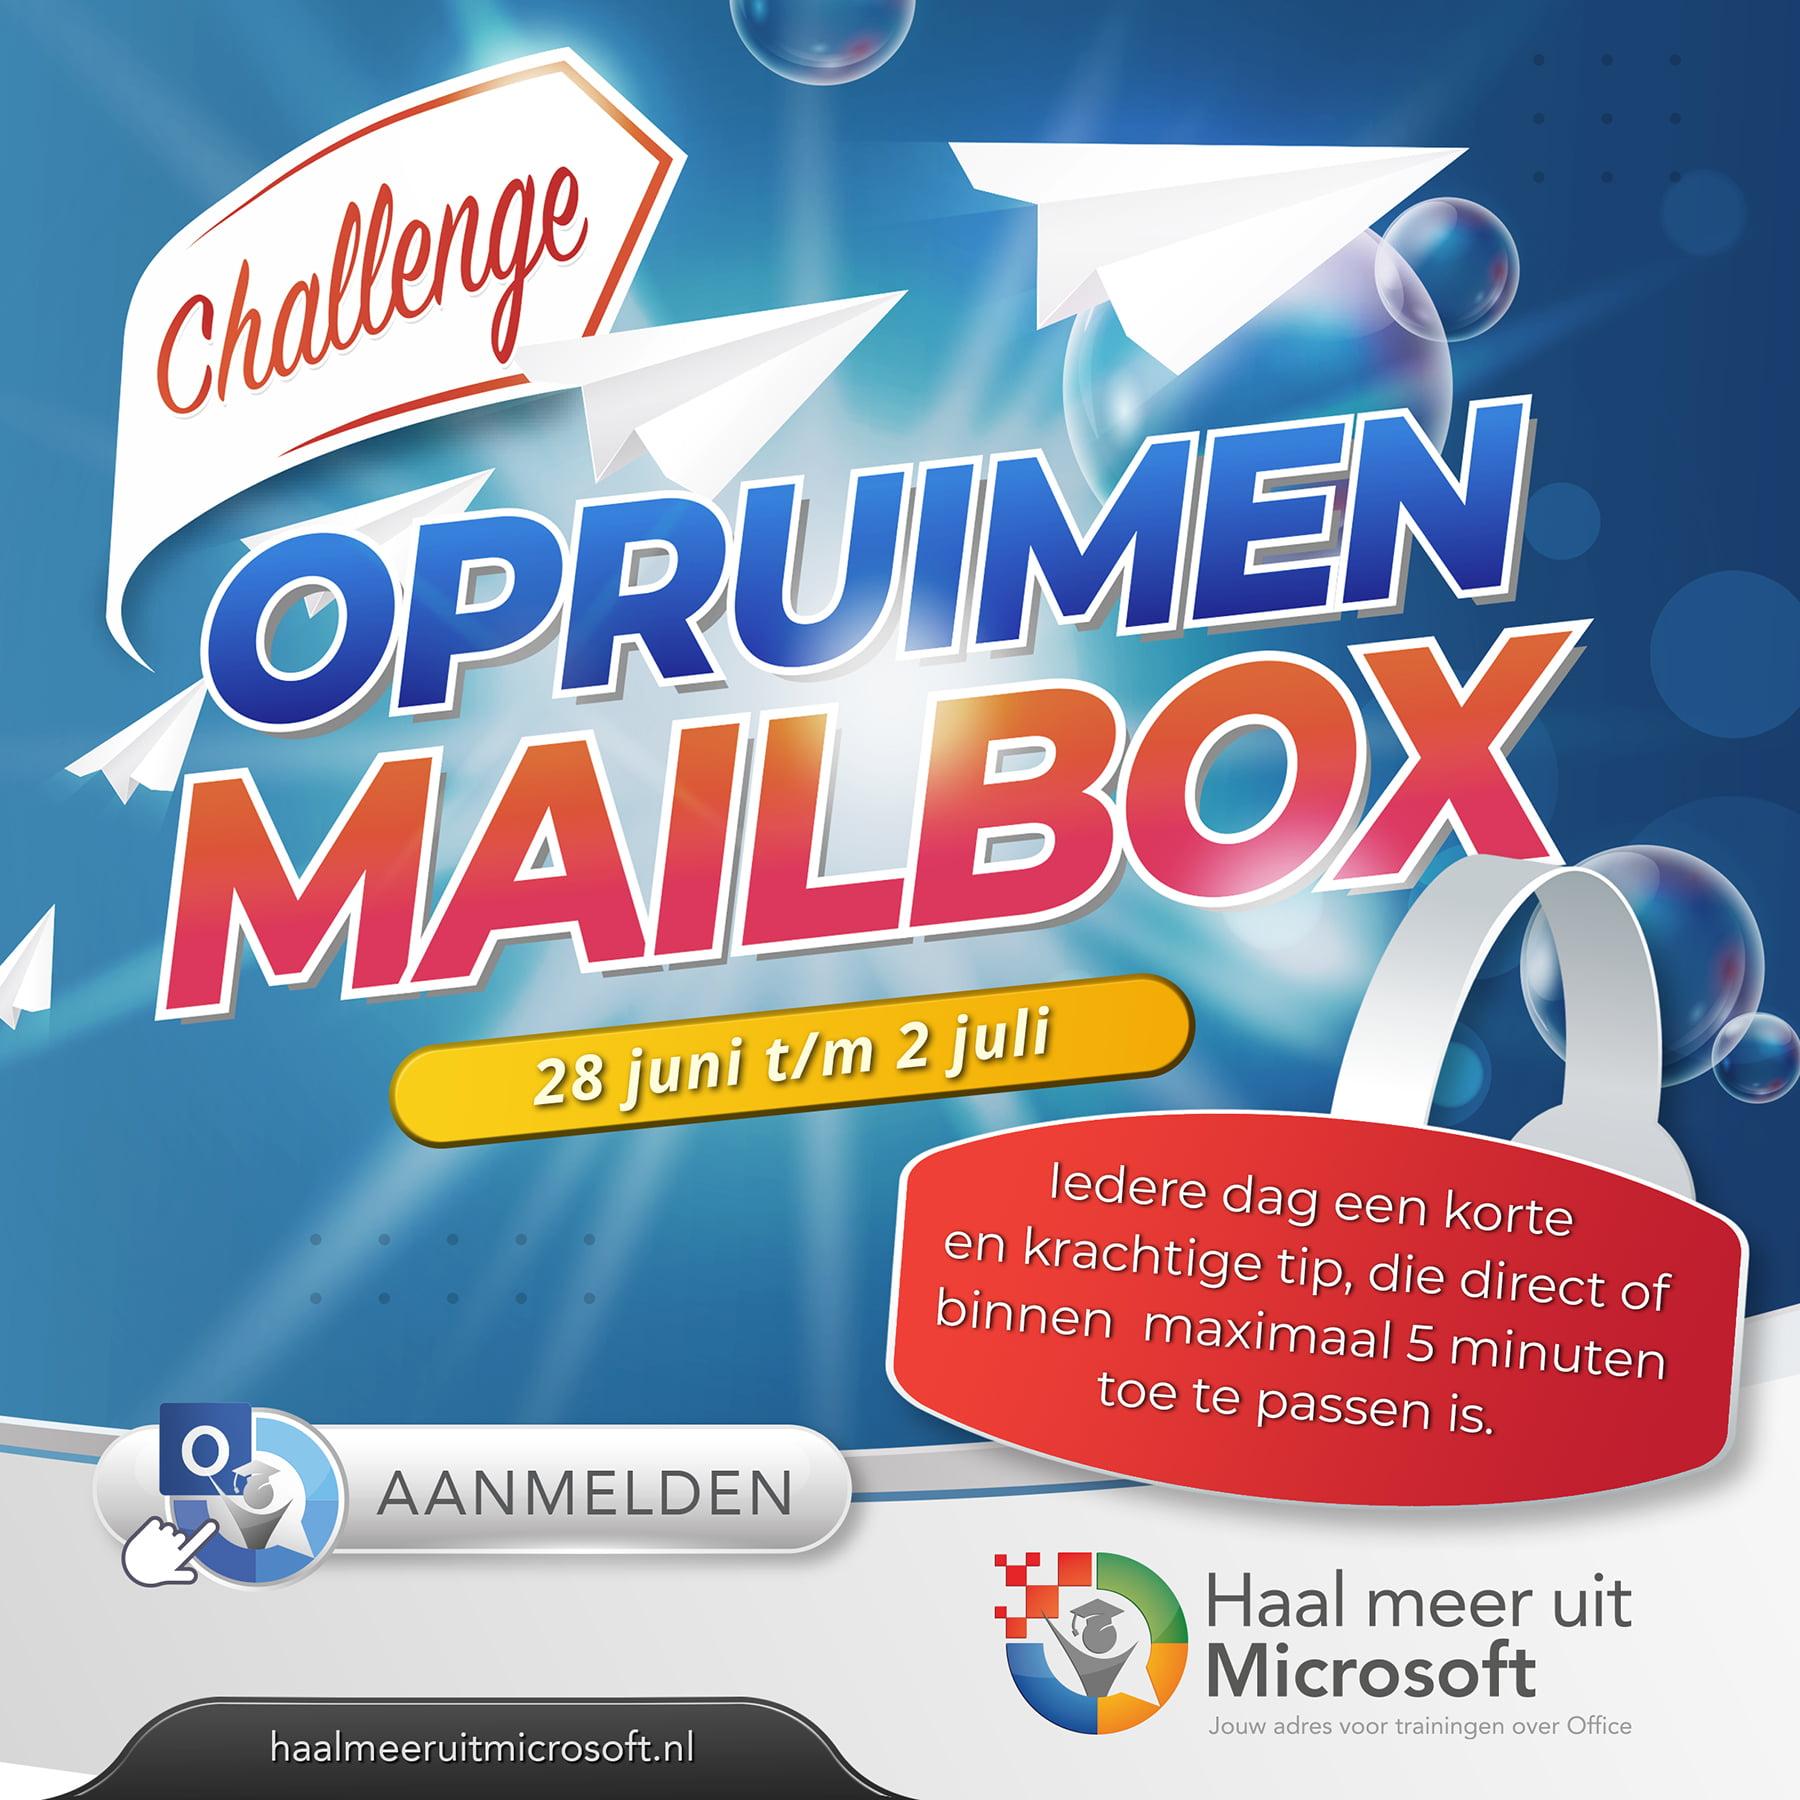 Aanmelden Challenge Opruimen Mailbox